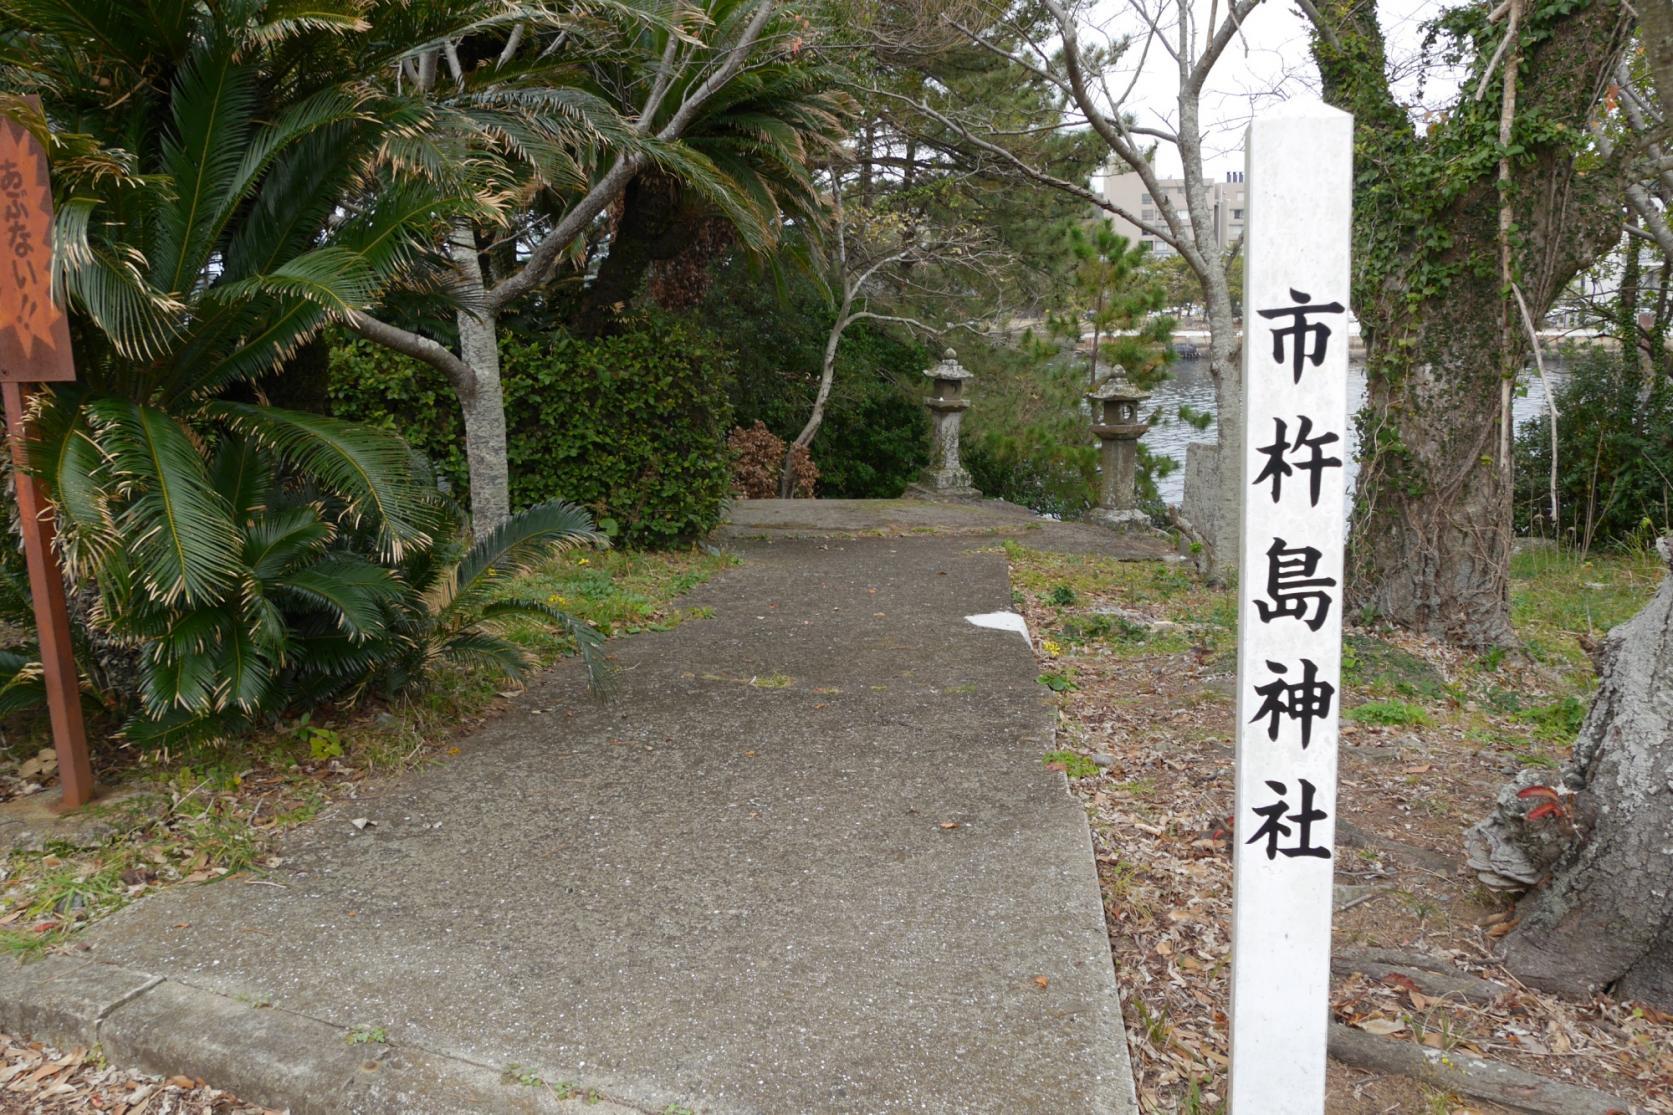 郷ノ浦港から徒歩10分ほどで行ける弁天崎公園-3